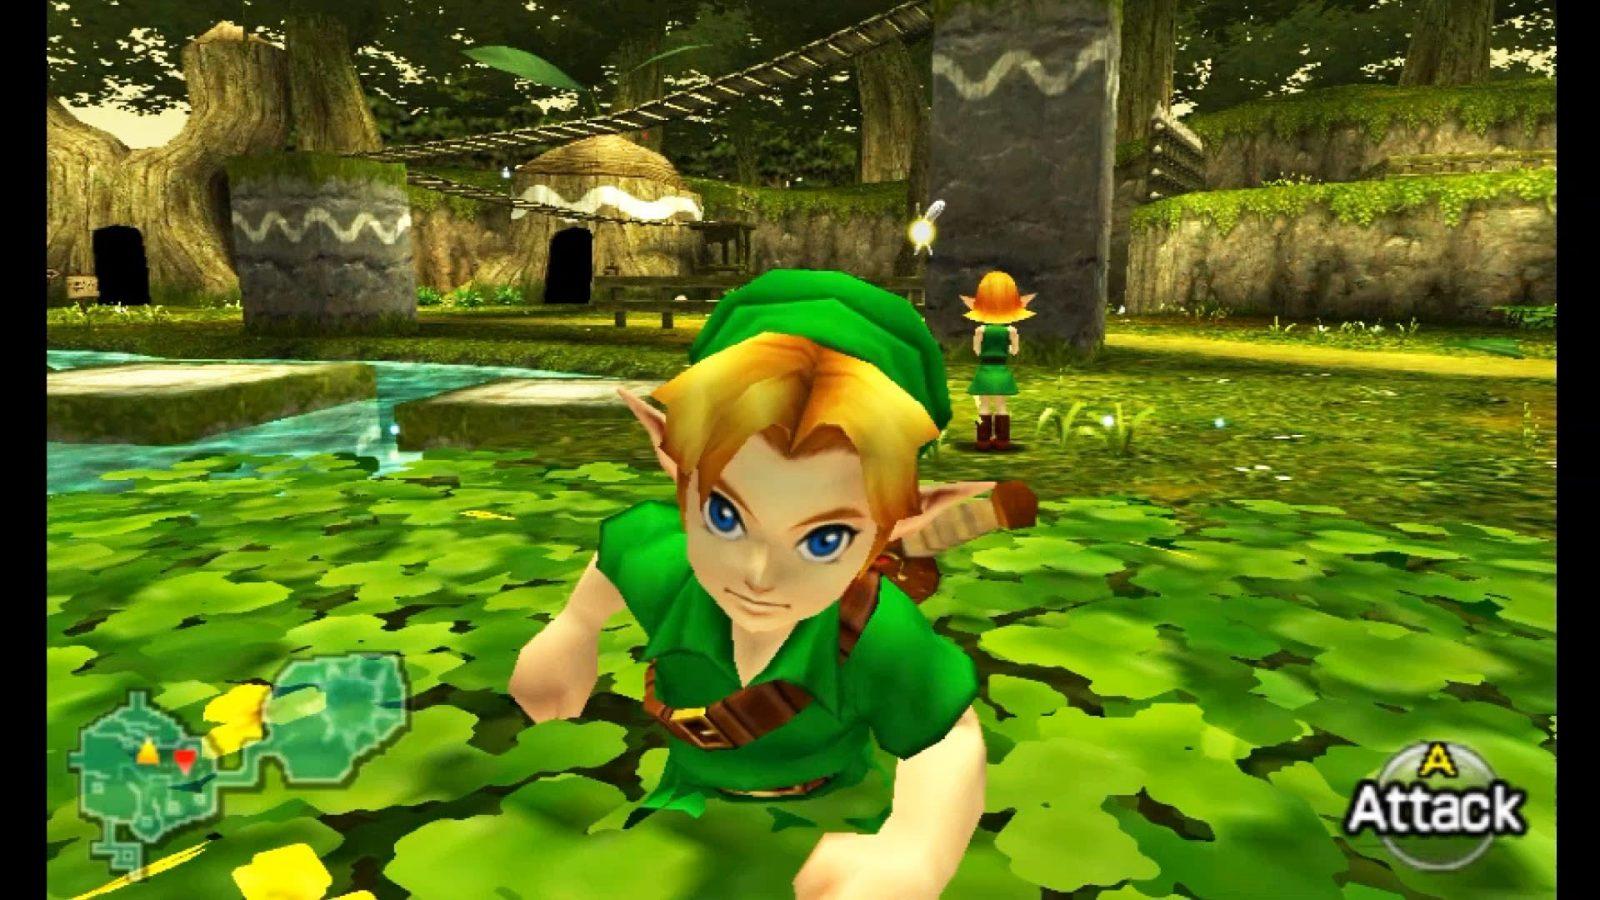 Free Download Game Walkthrough Legend Of Zelda Ocarina Of Time 3ds